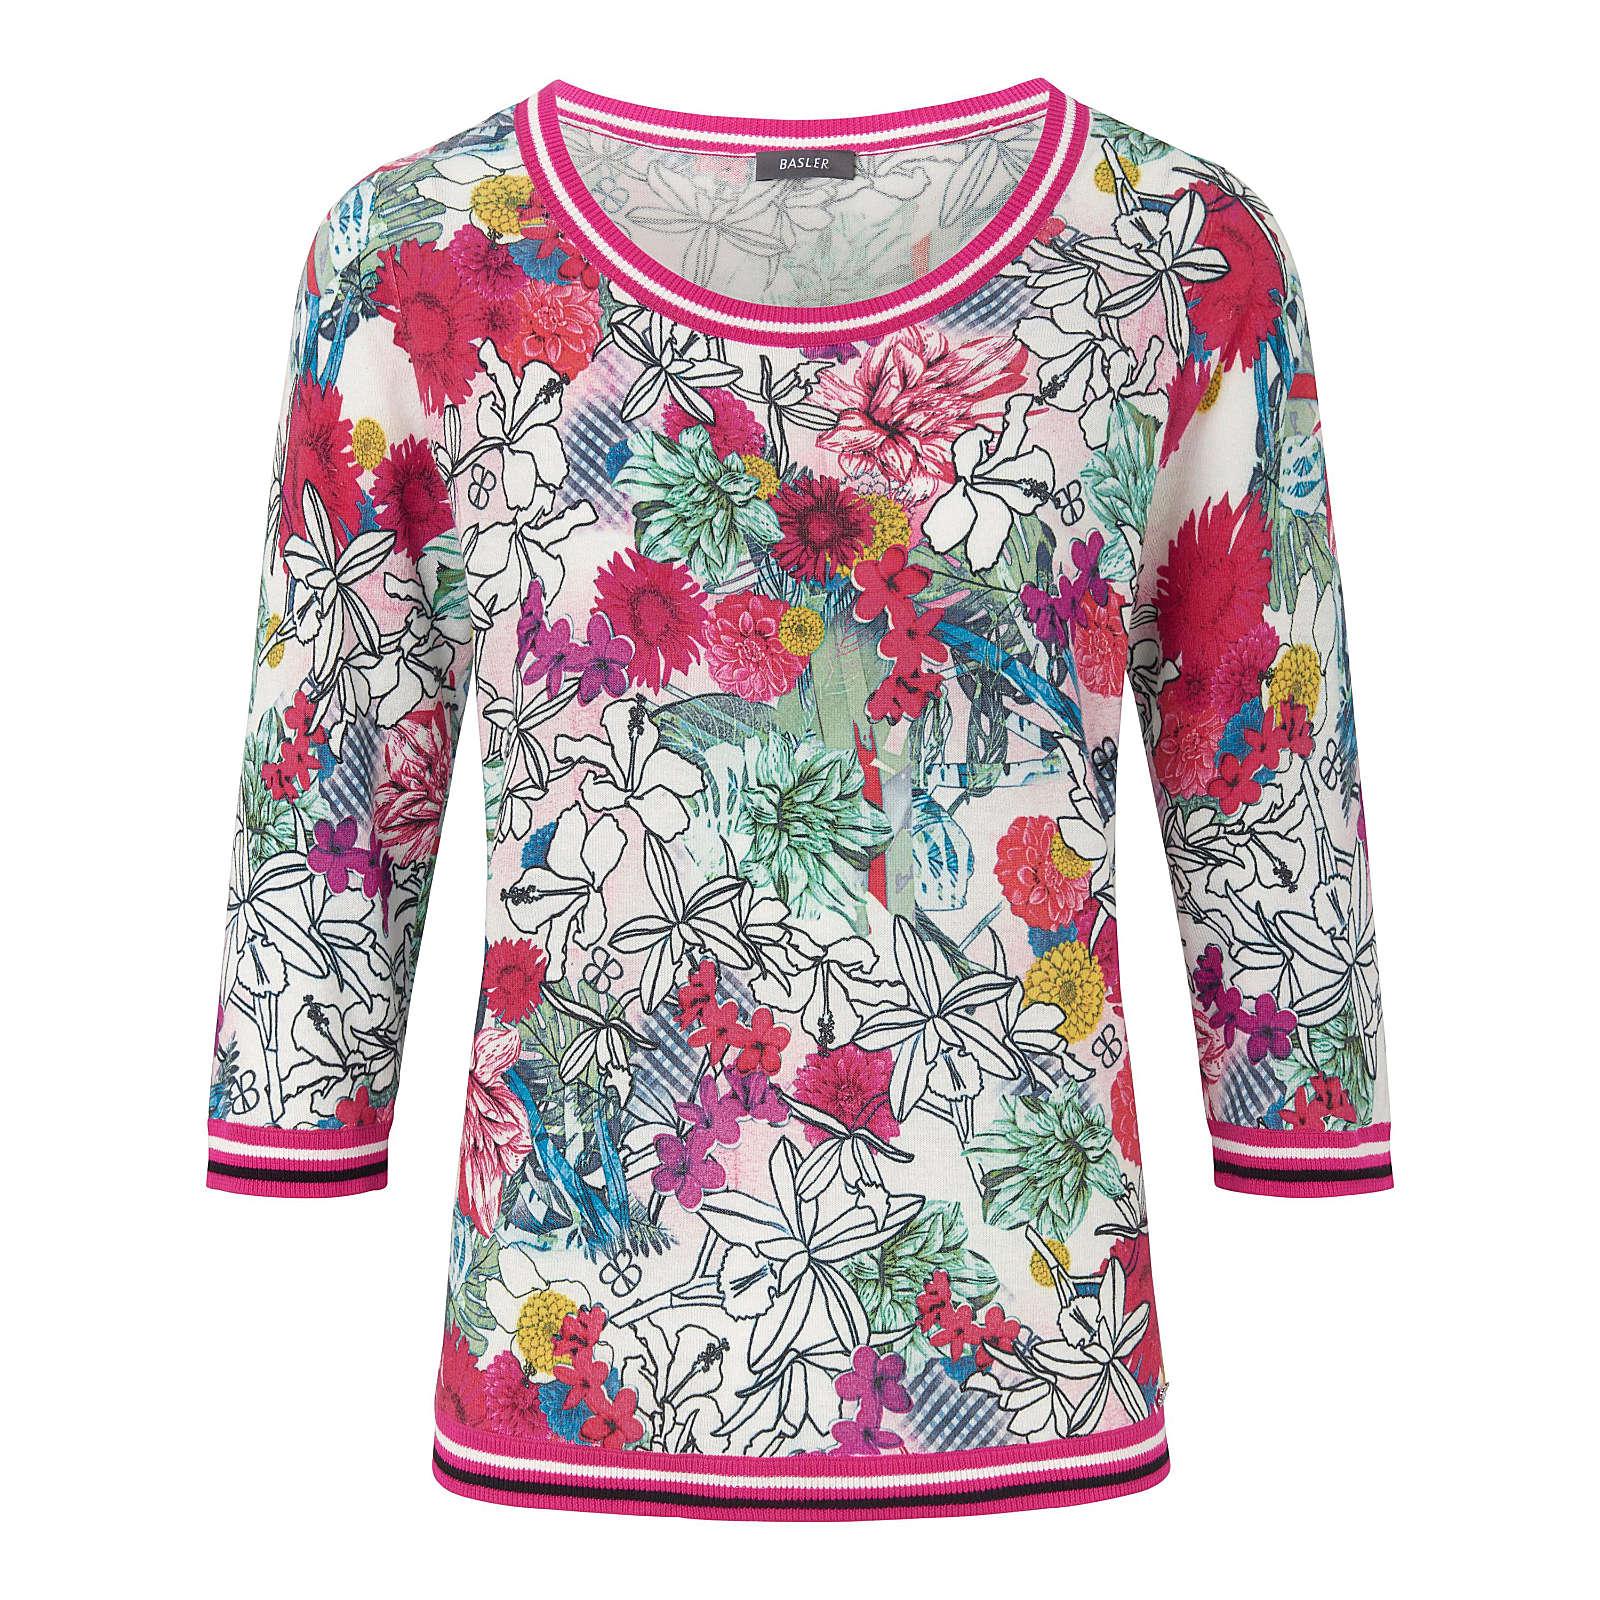 BASLER Rundhals-Pullover Rundhals-Pullover mit 3/4-Arm Pullover bunt Damen Gr. 52